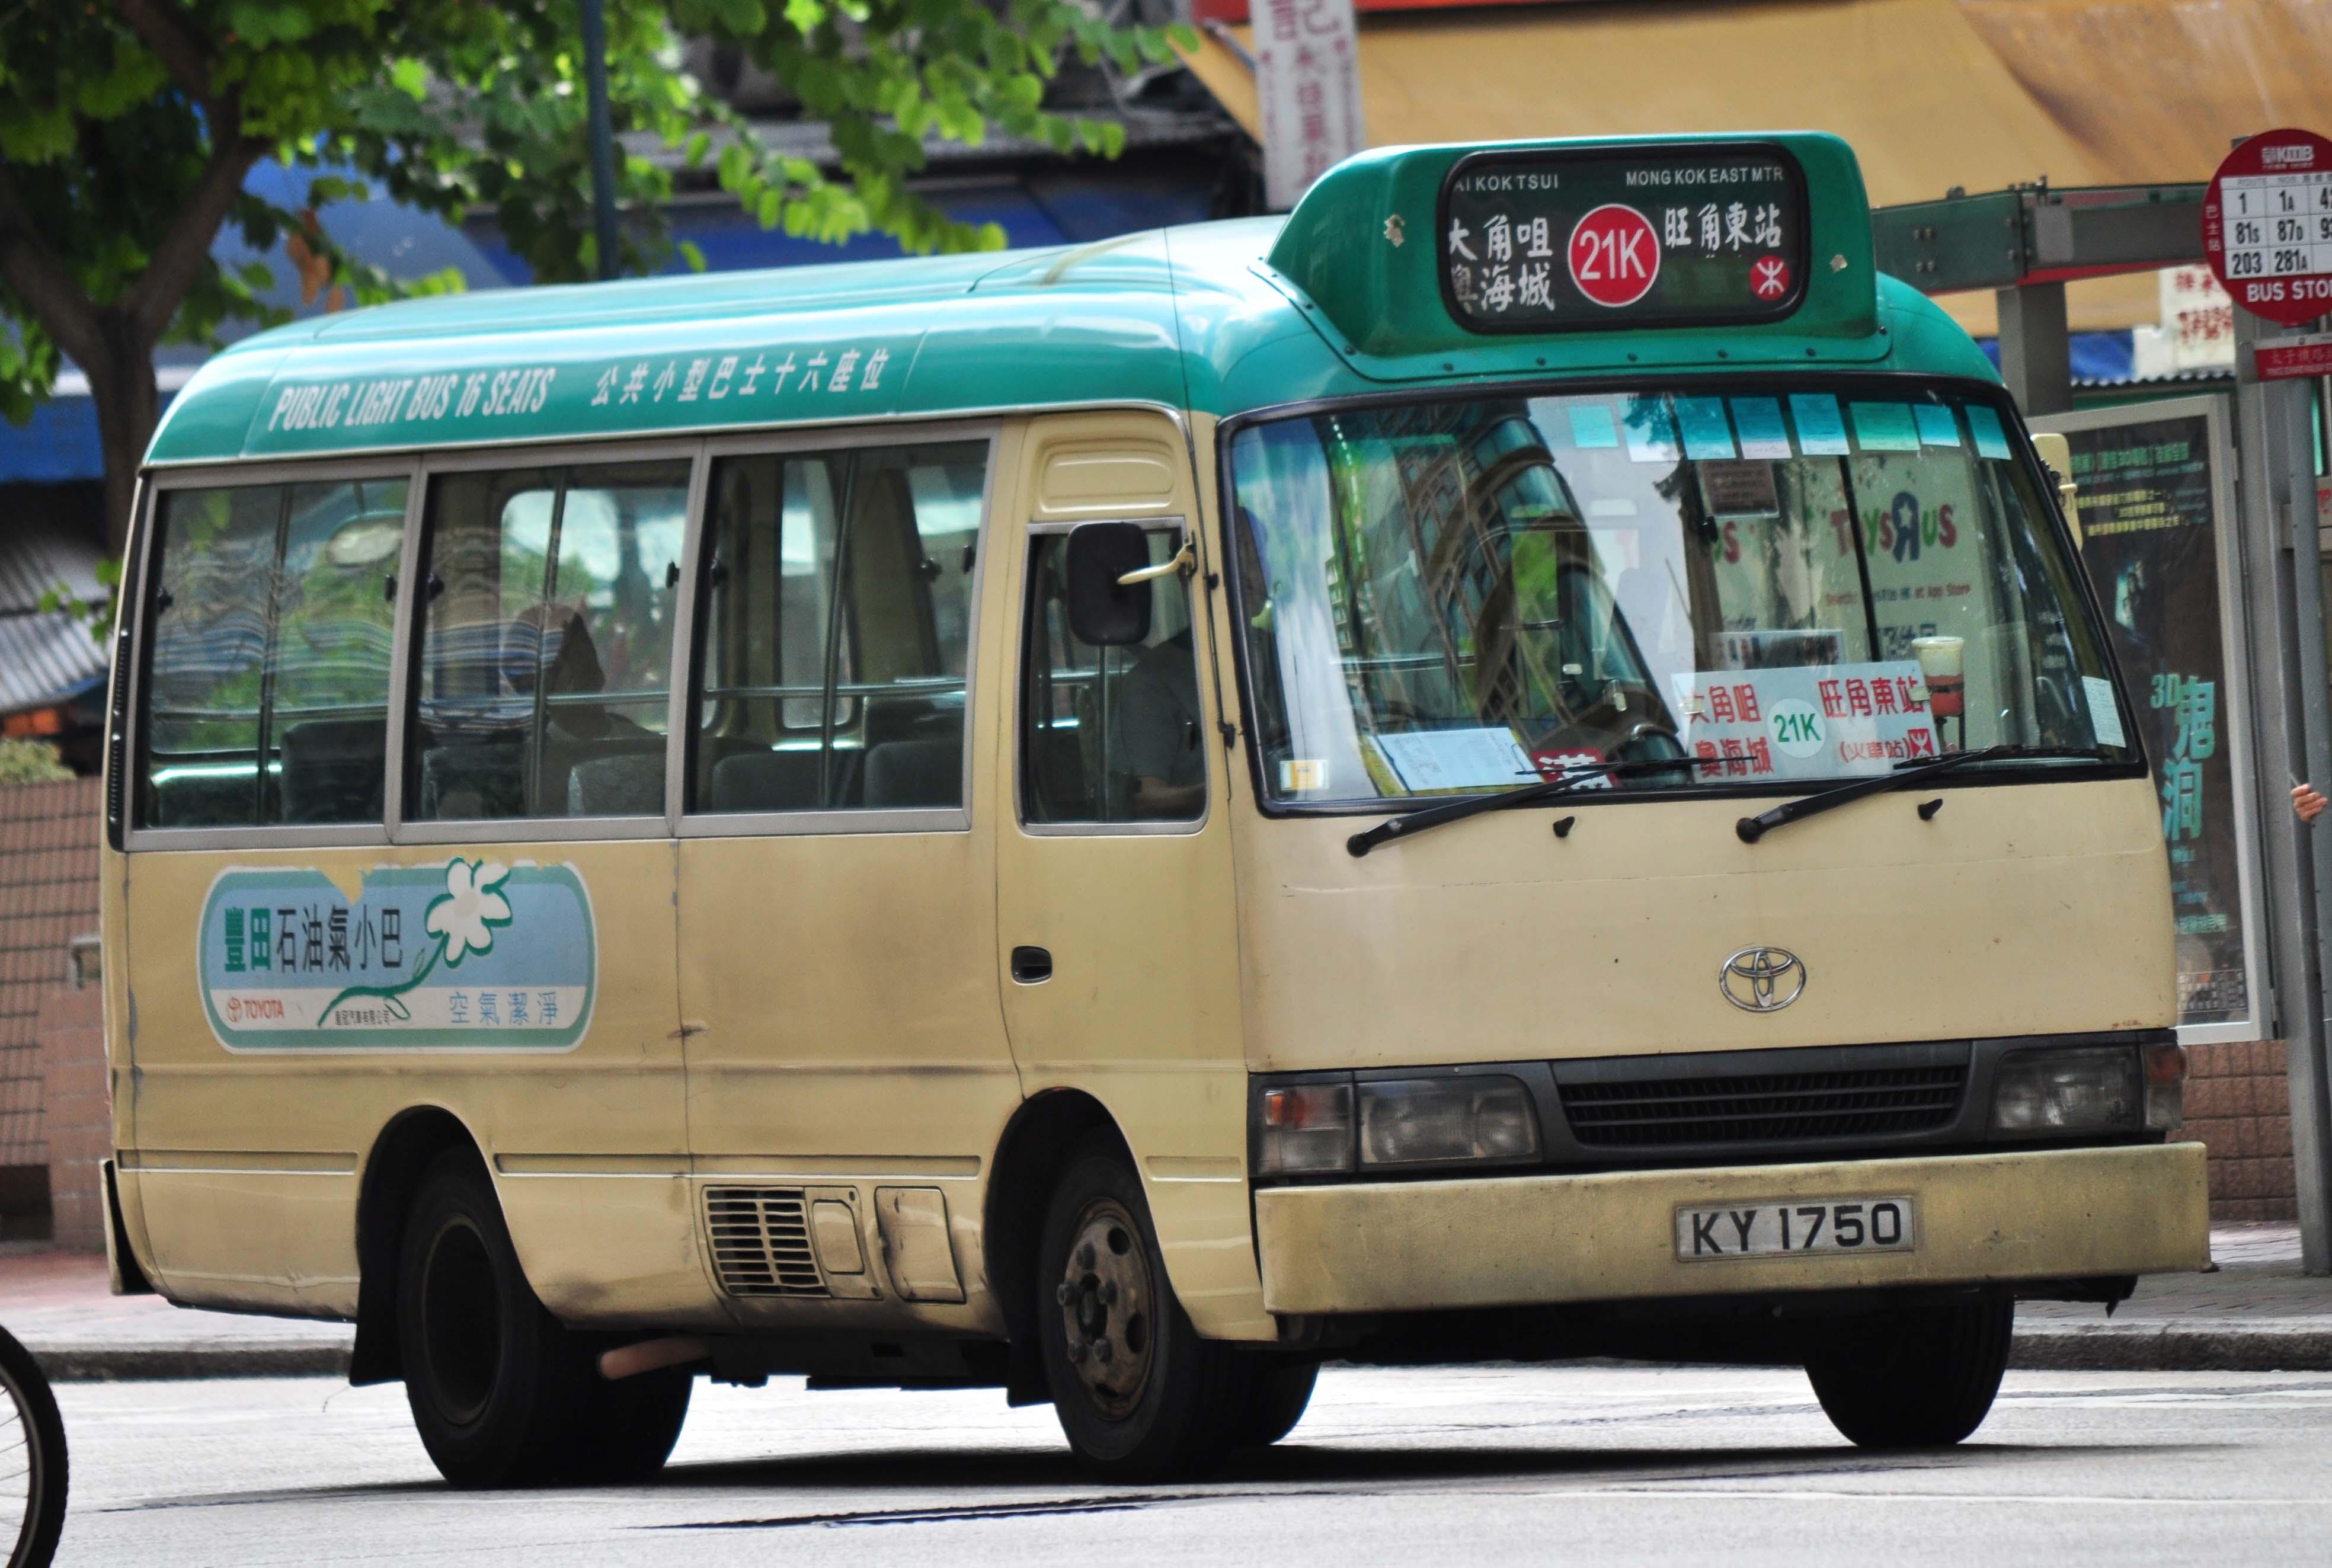 九龍專綫小巴21K線